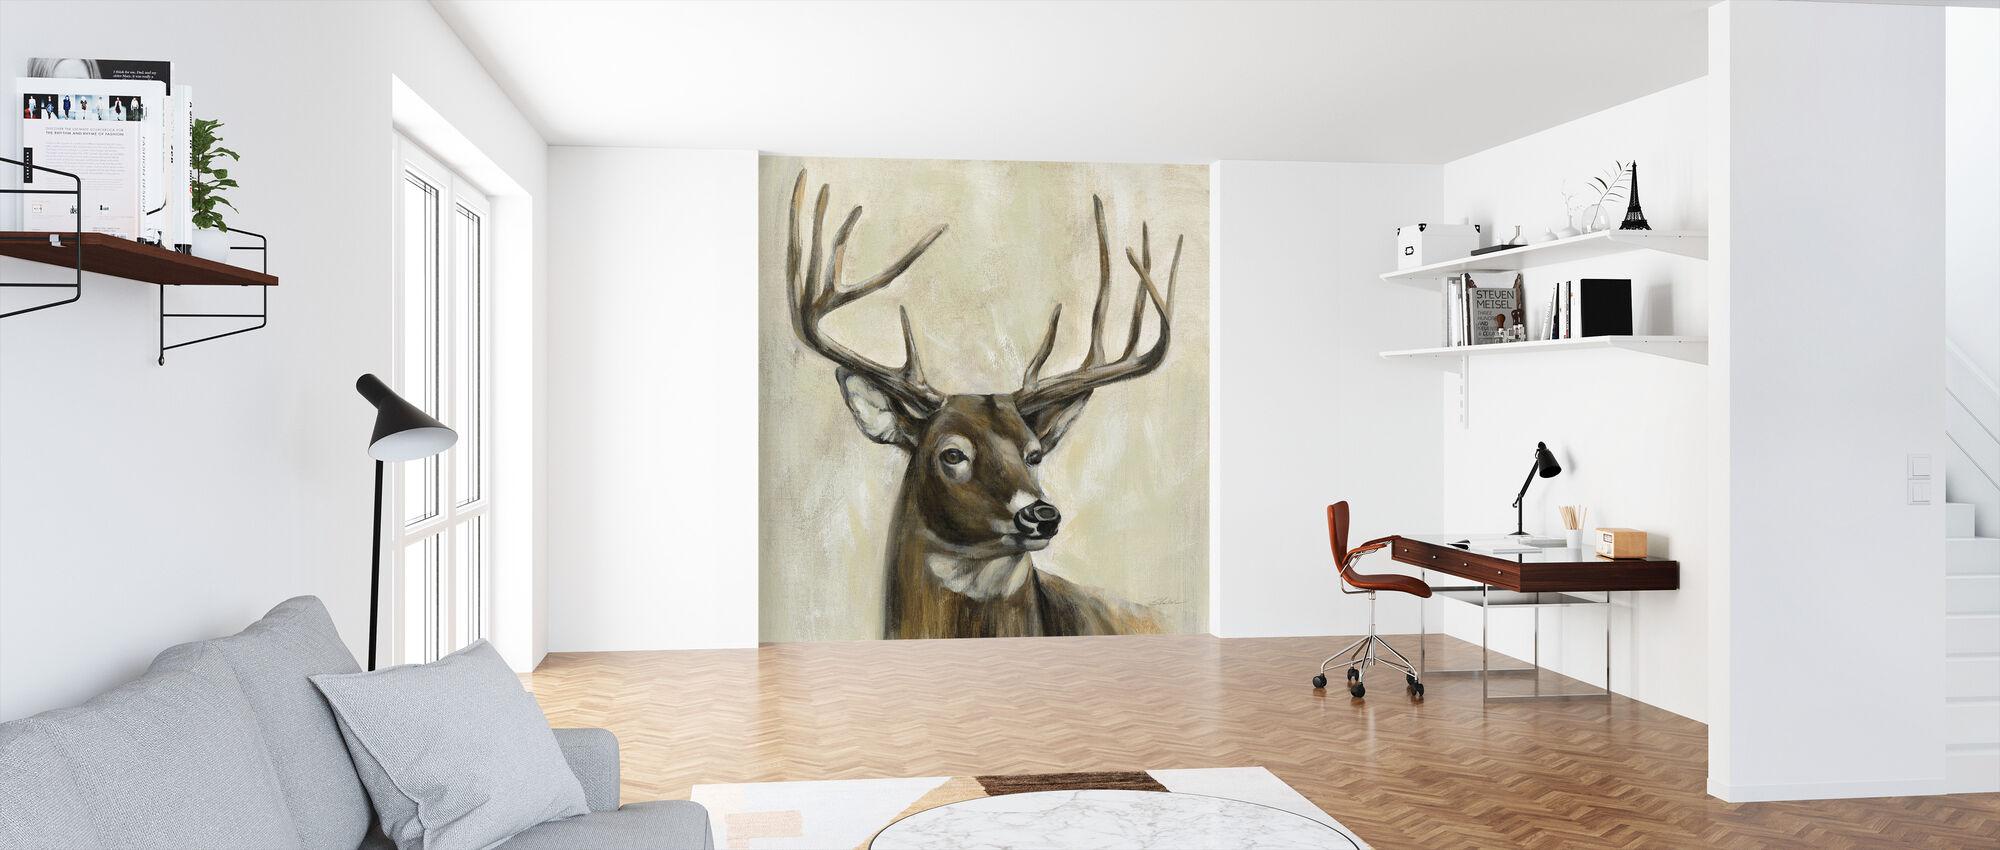 Bronze Deer - Wallpaper - Office